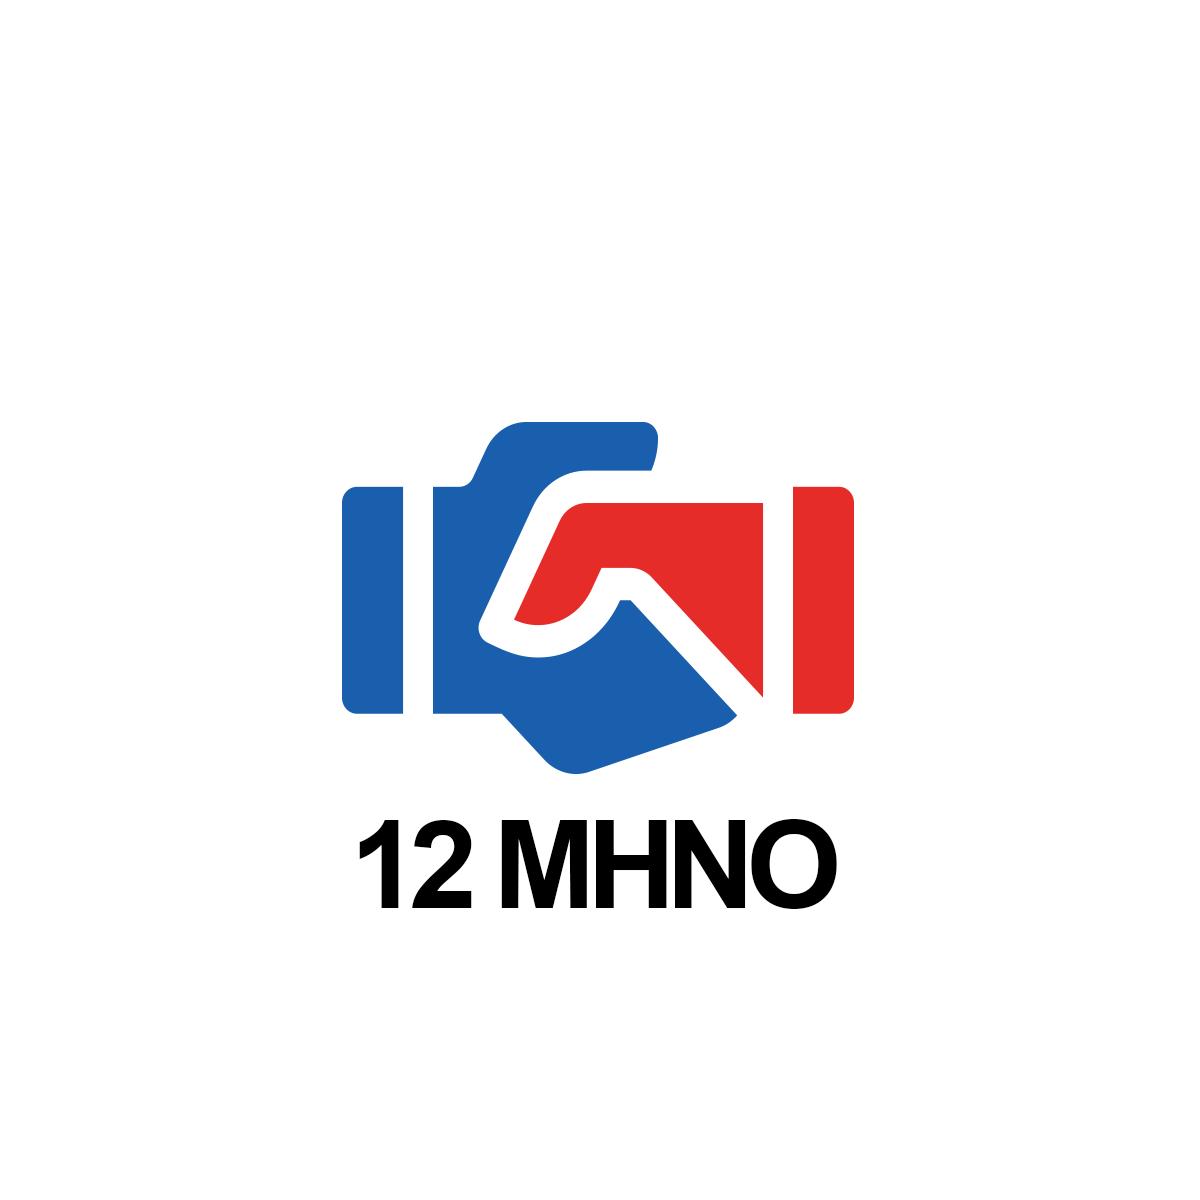 ΕΜΠΟΡΟΣ ΟΧΗΜΑΤΩΝ – 12ΜΗΝΟ